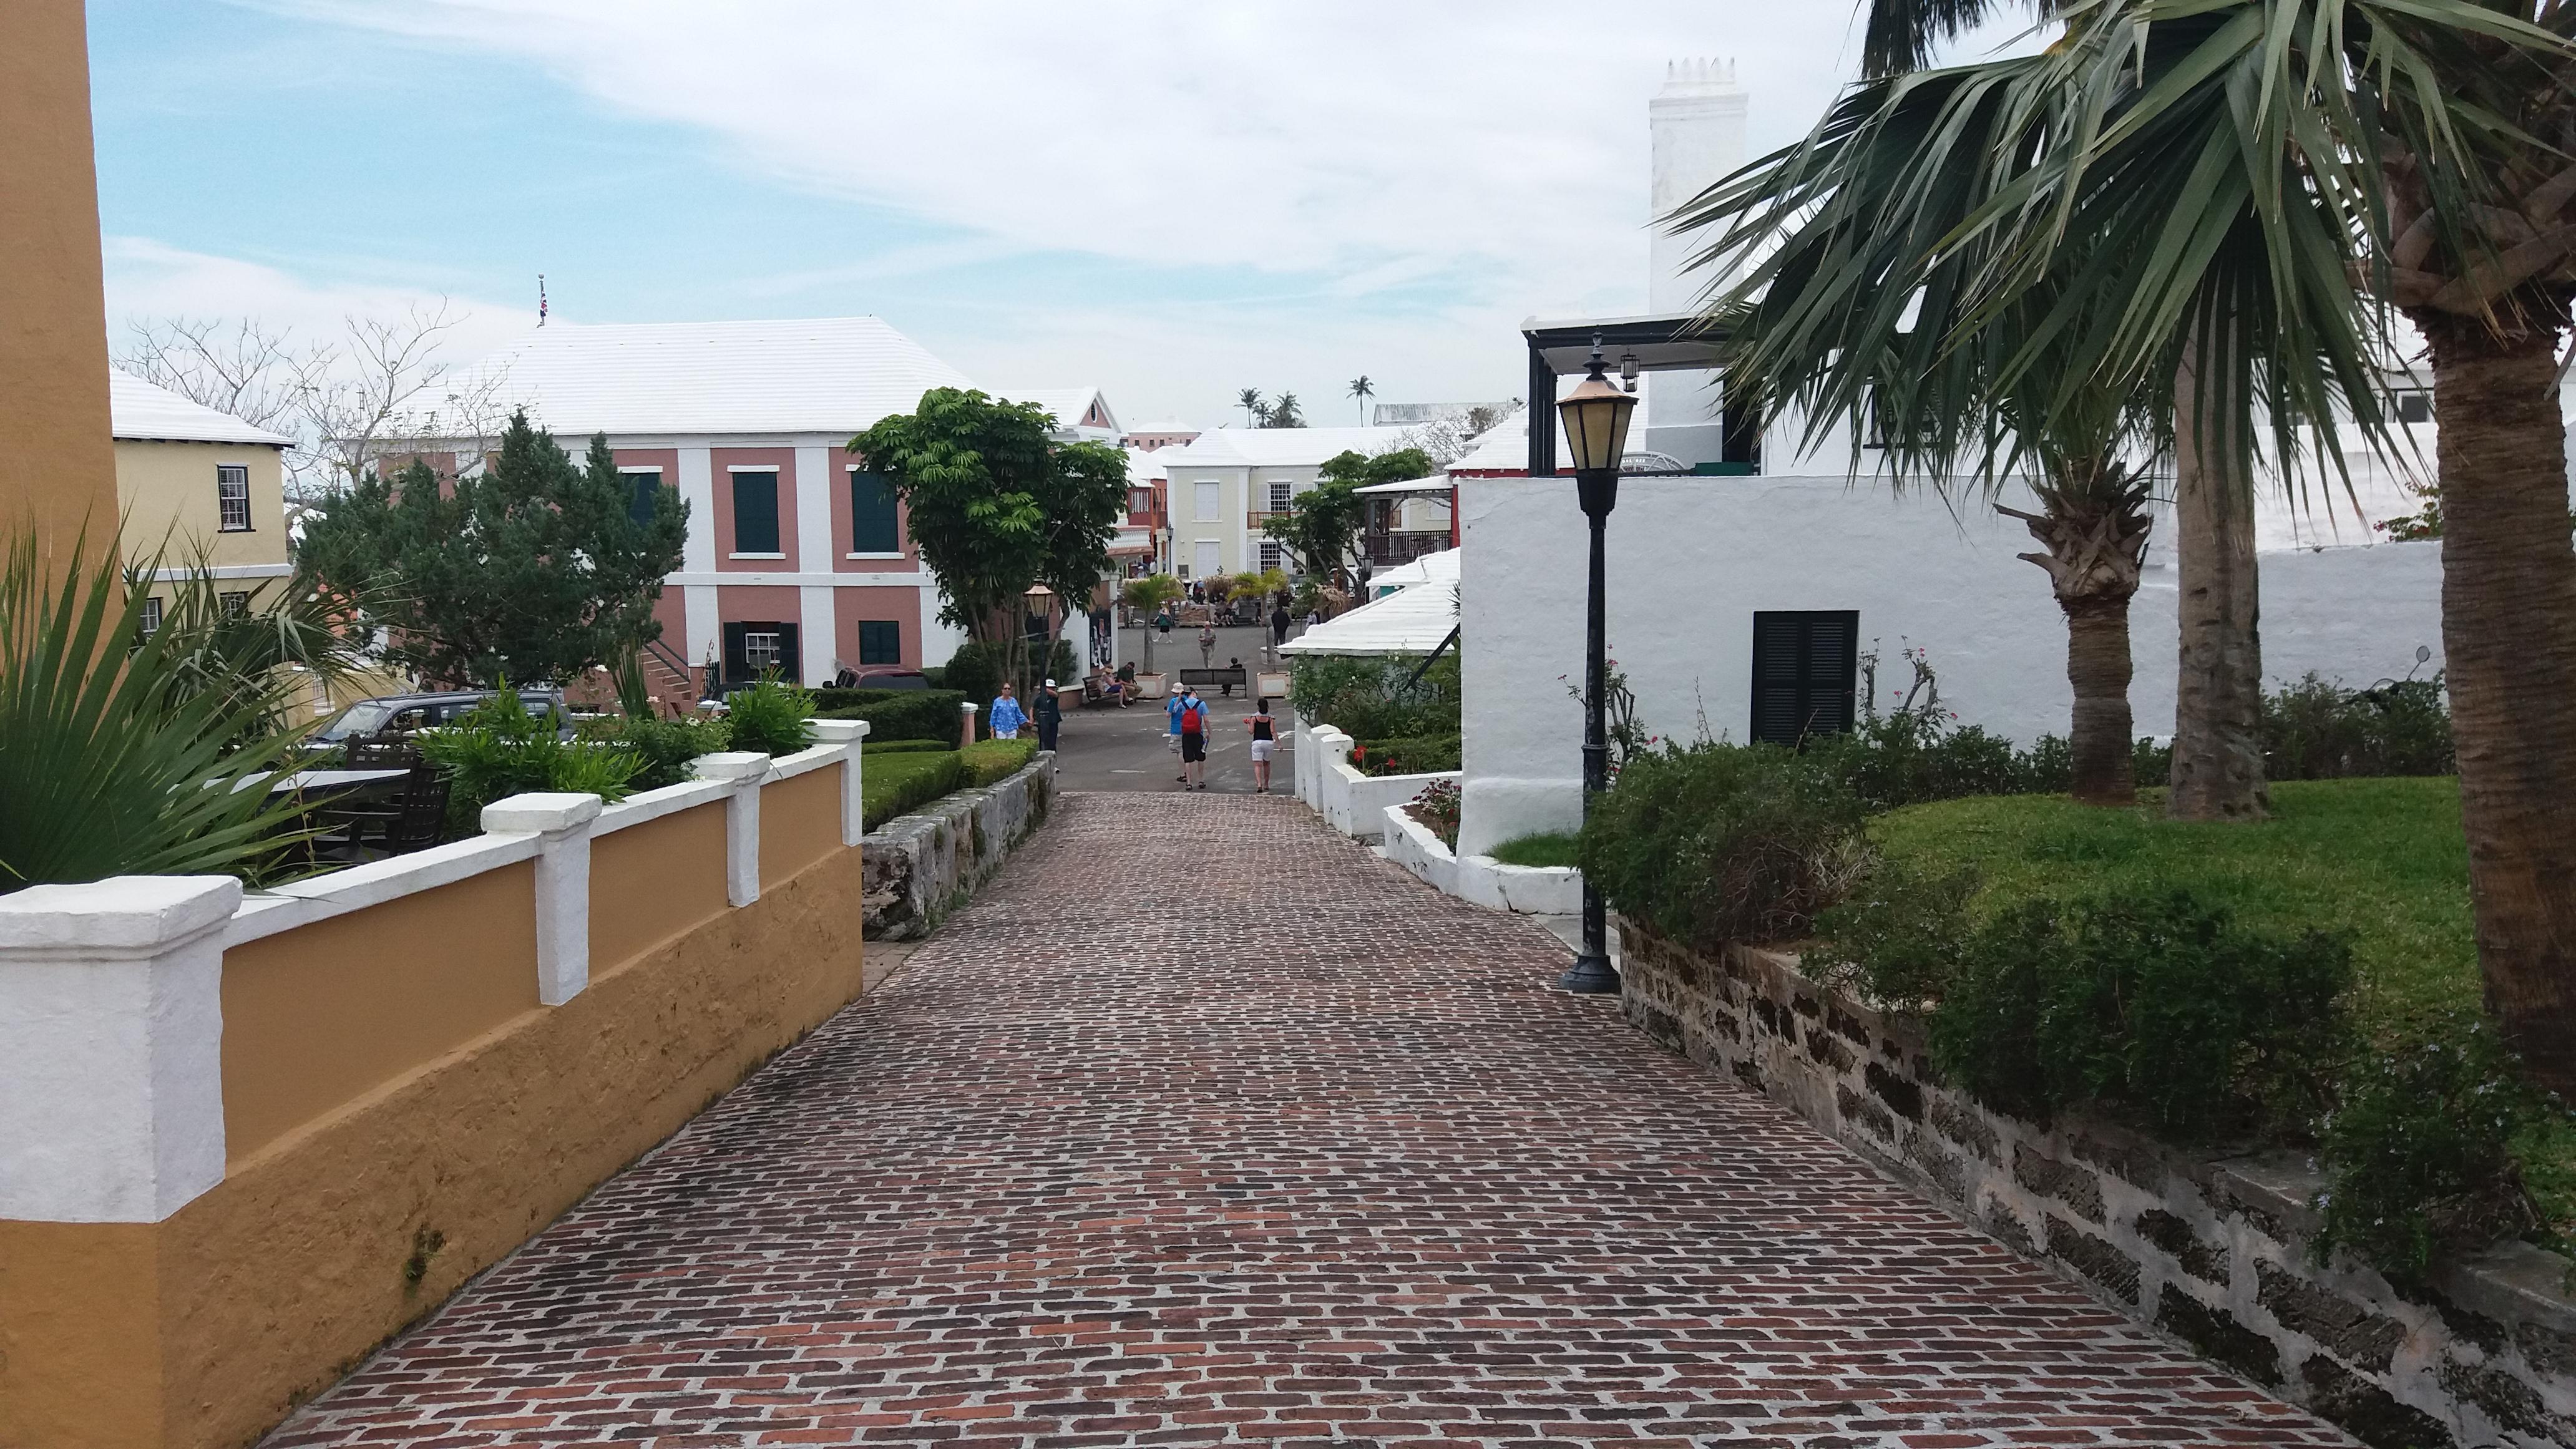 Smuk gade i historiske St. George